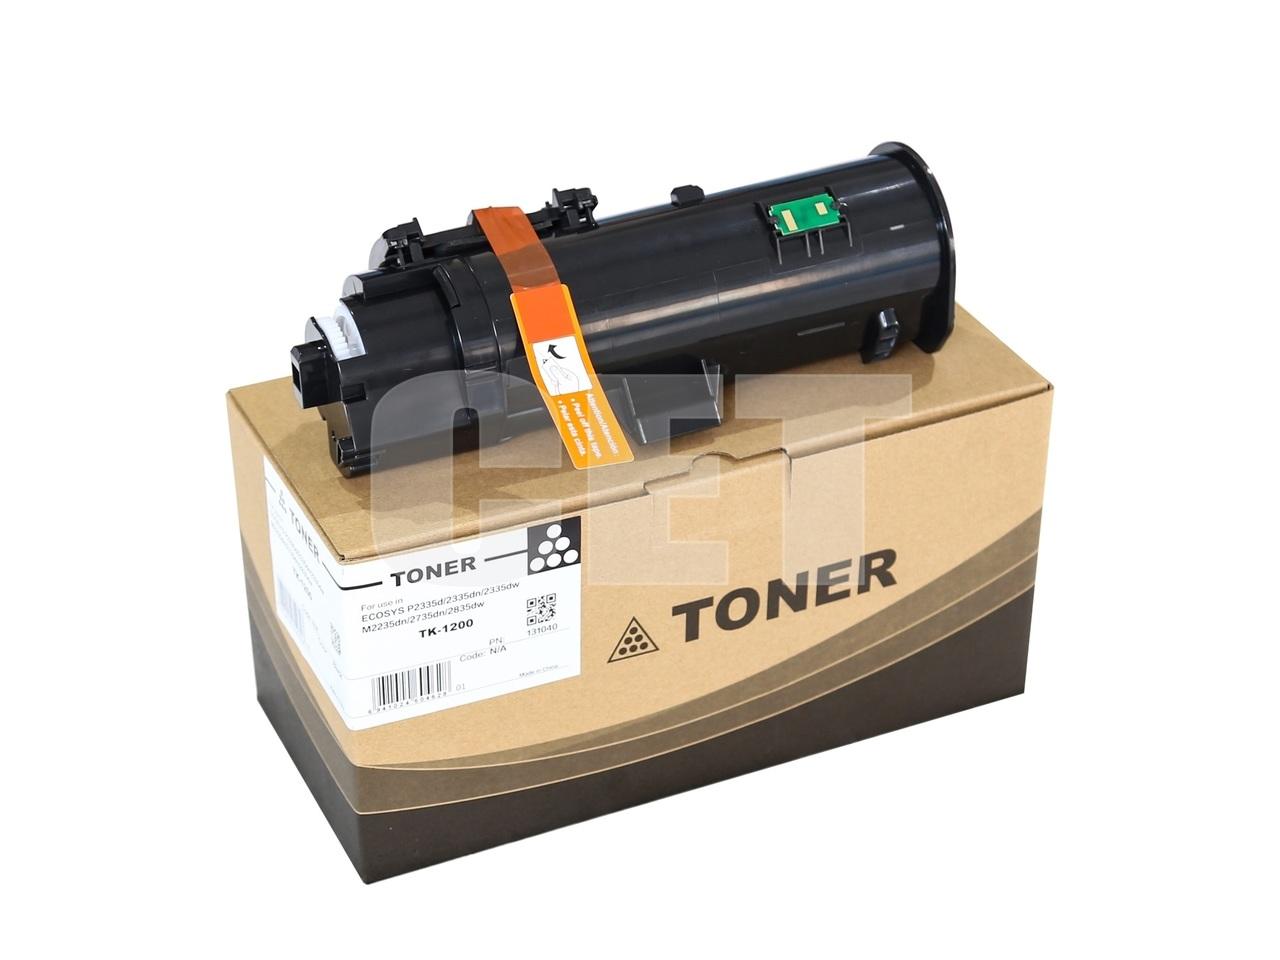 Тонер-картридж (PK9) TK-1200 для KYOCERA ECOSYSP2335d/2335dn/M2235dn/2835dw (CET), 116г, 3000 стр.,CET131040